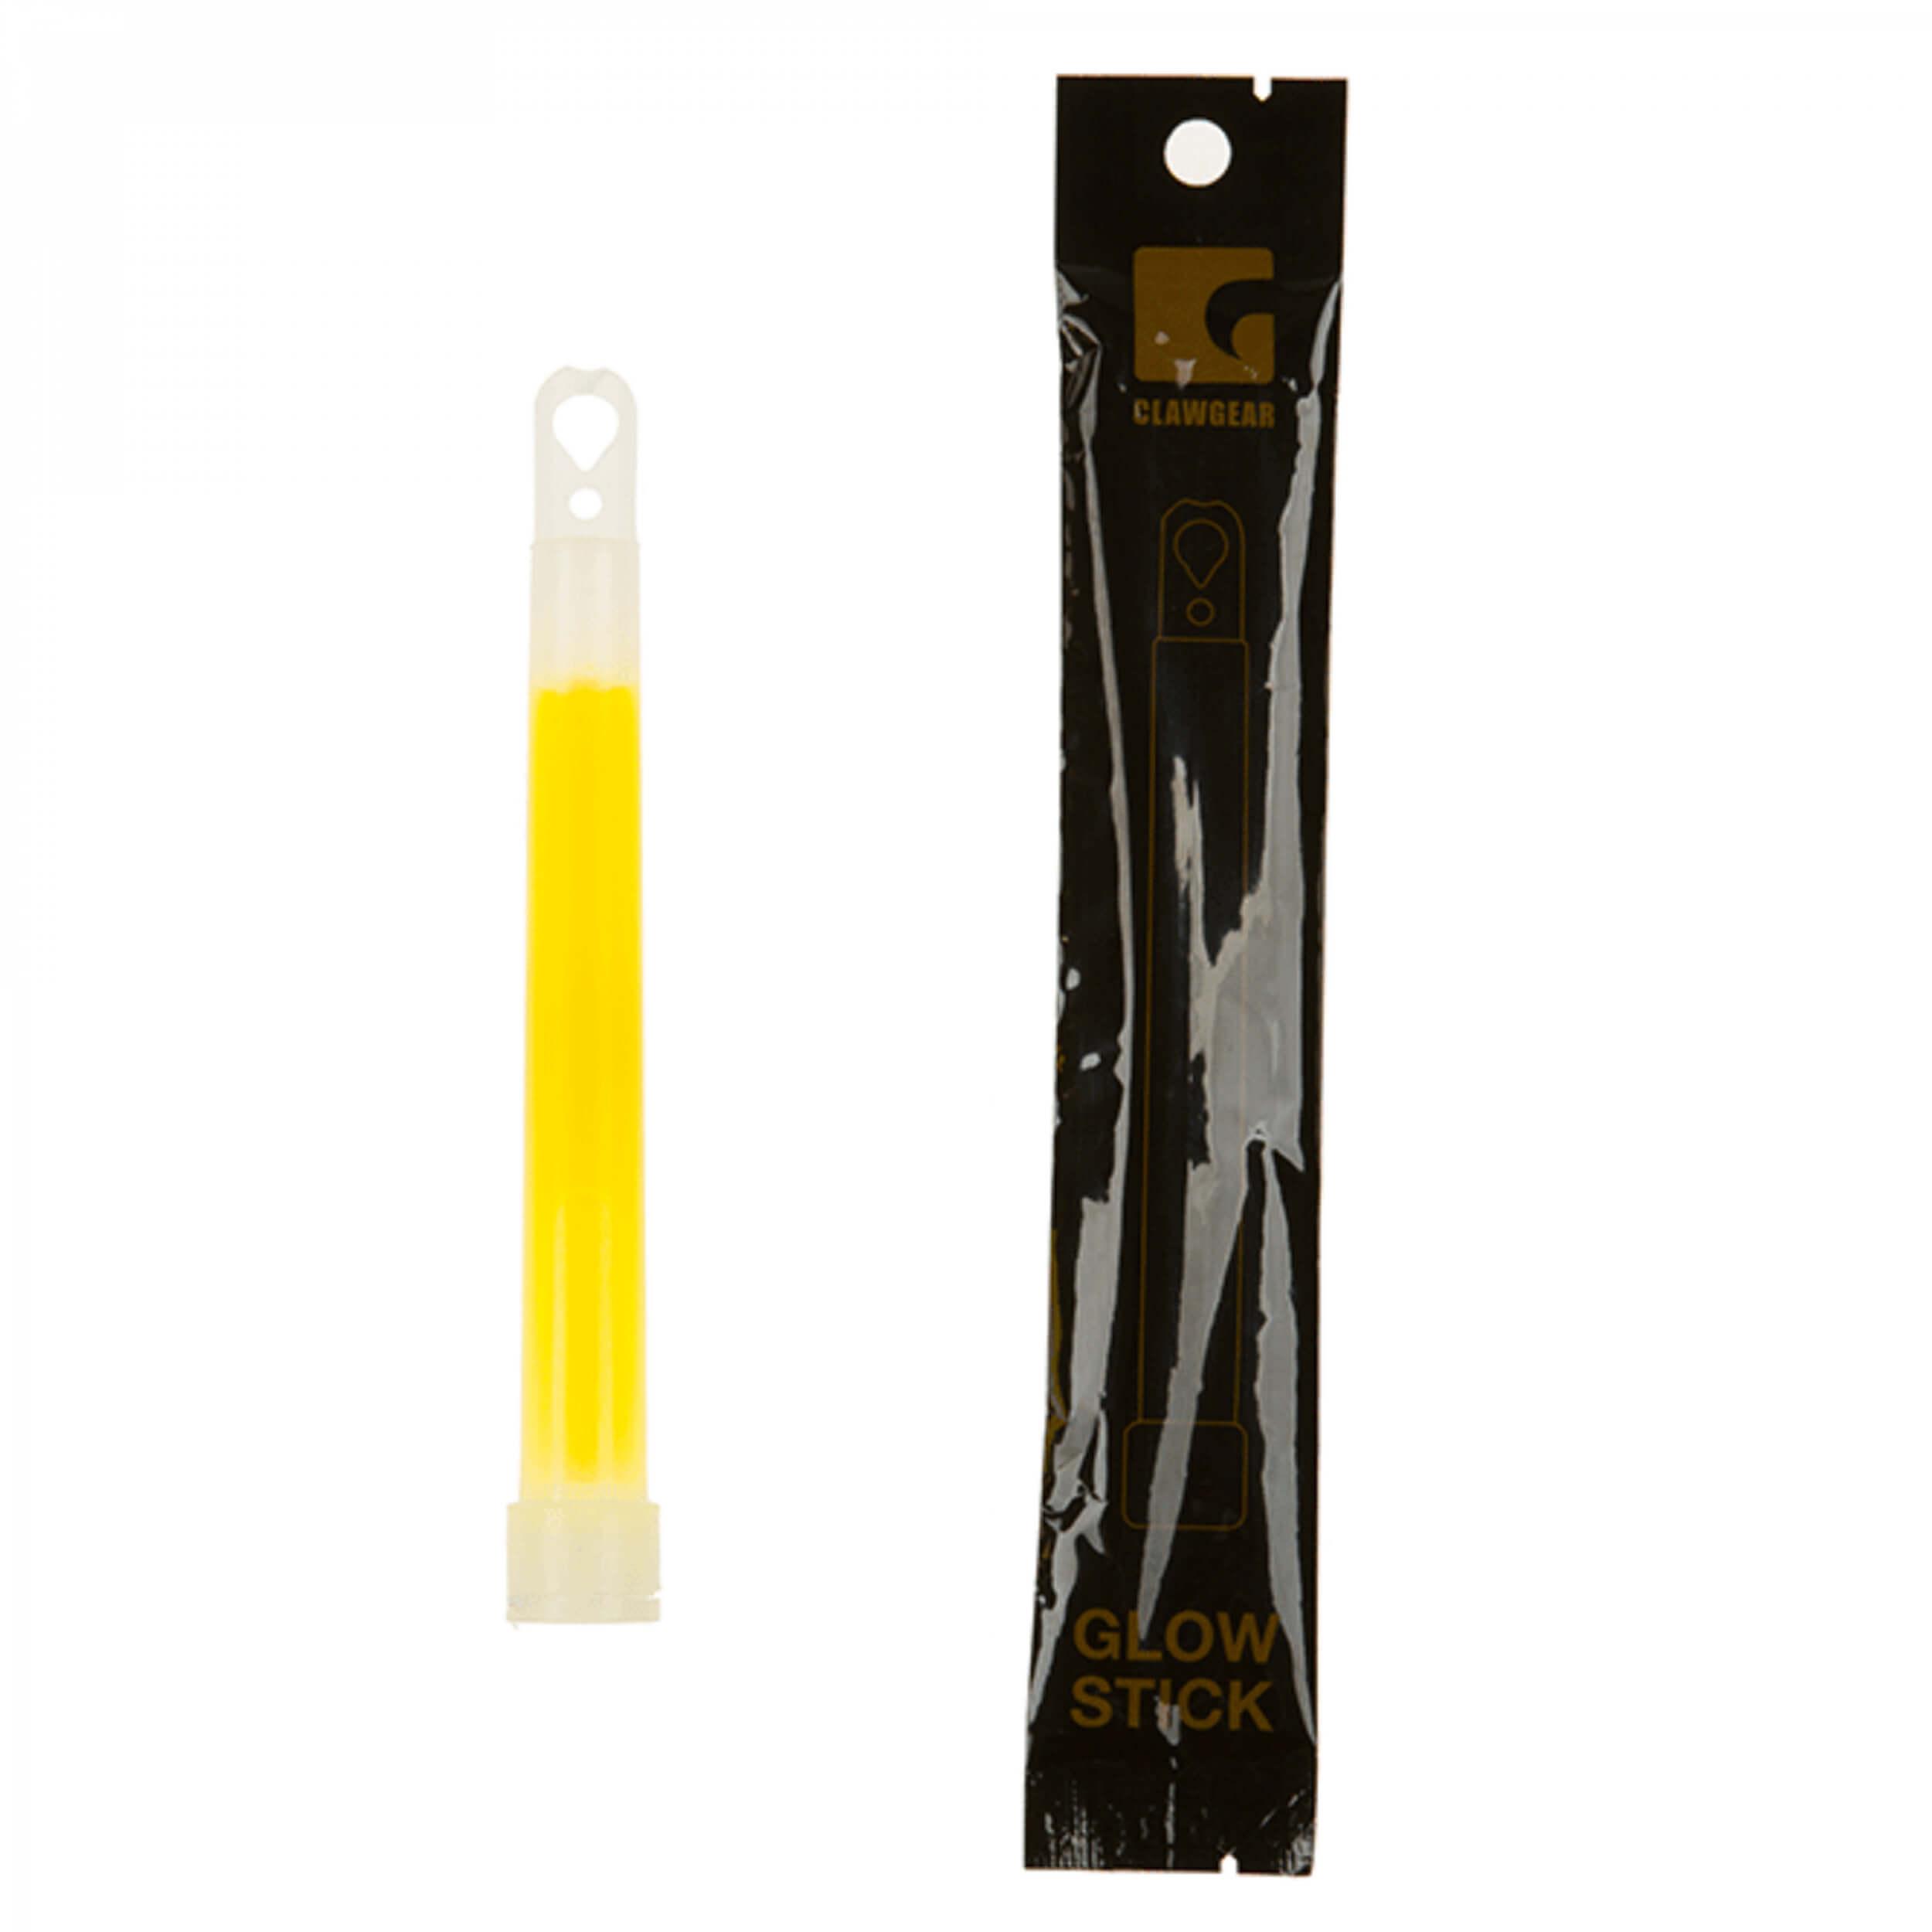 Clawgear 6 Inch Light Stick Knicklicht gelb